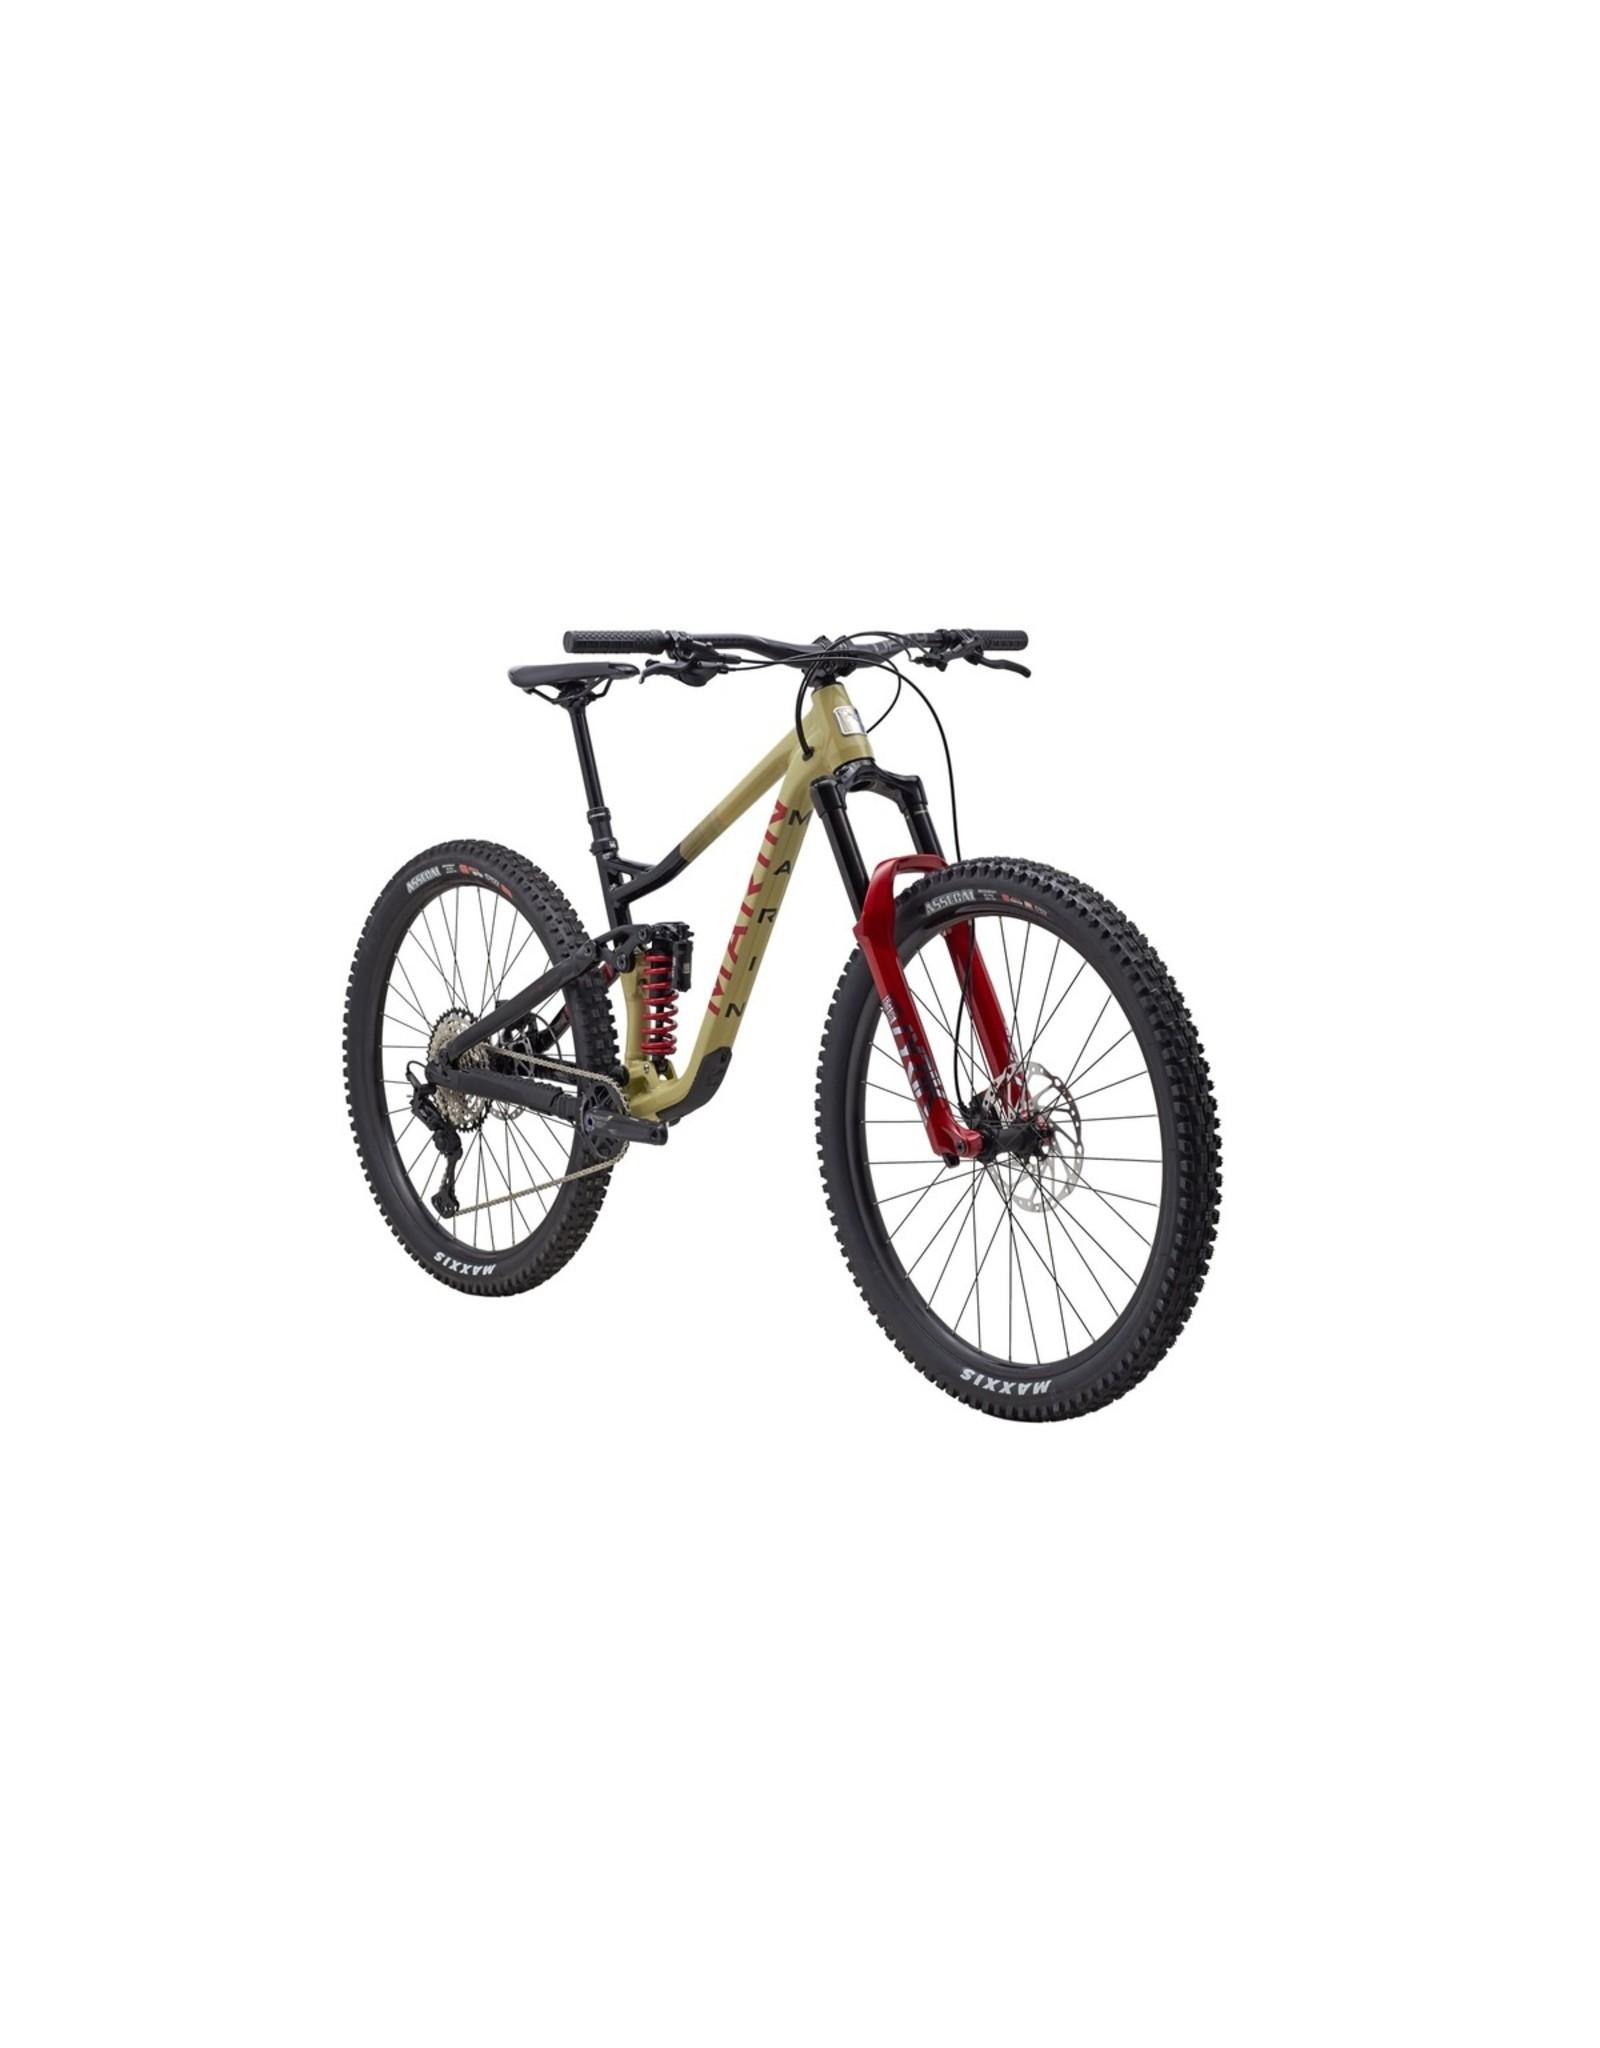 MARIN 2022 / 2021 Alpine Trail XR